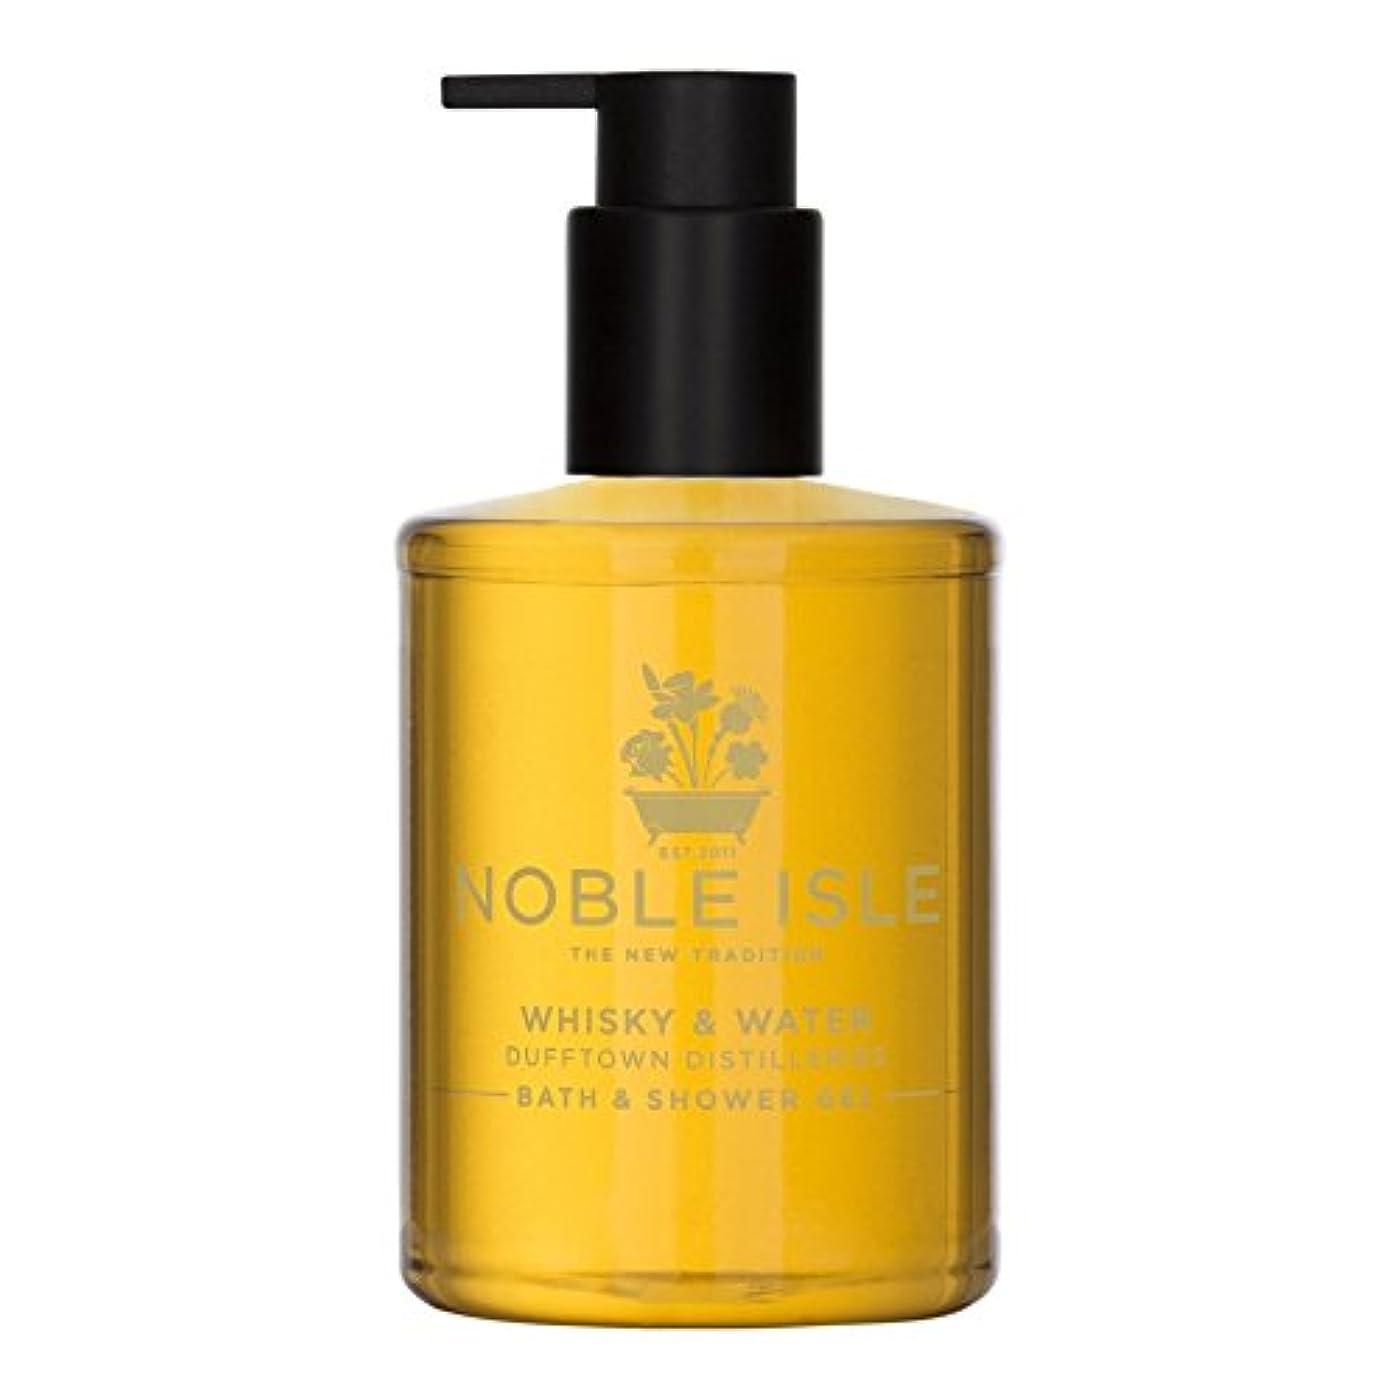 高さ歌手一杯高貴な島ウイスキー&ウォーターバス&シャワージェル250ミリリットル x2 - Noble Isle Whisky & Water Bath & Shower Gel 250ml (Pack of 2) [並行輸入品]